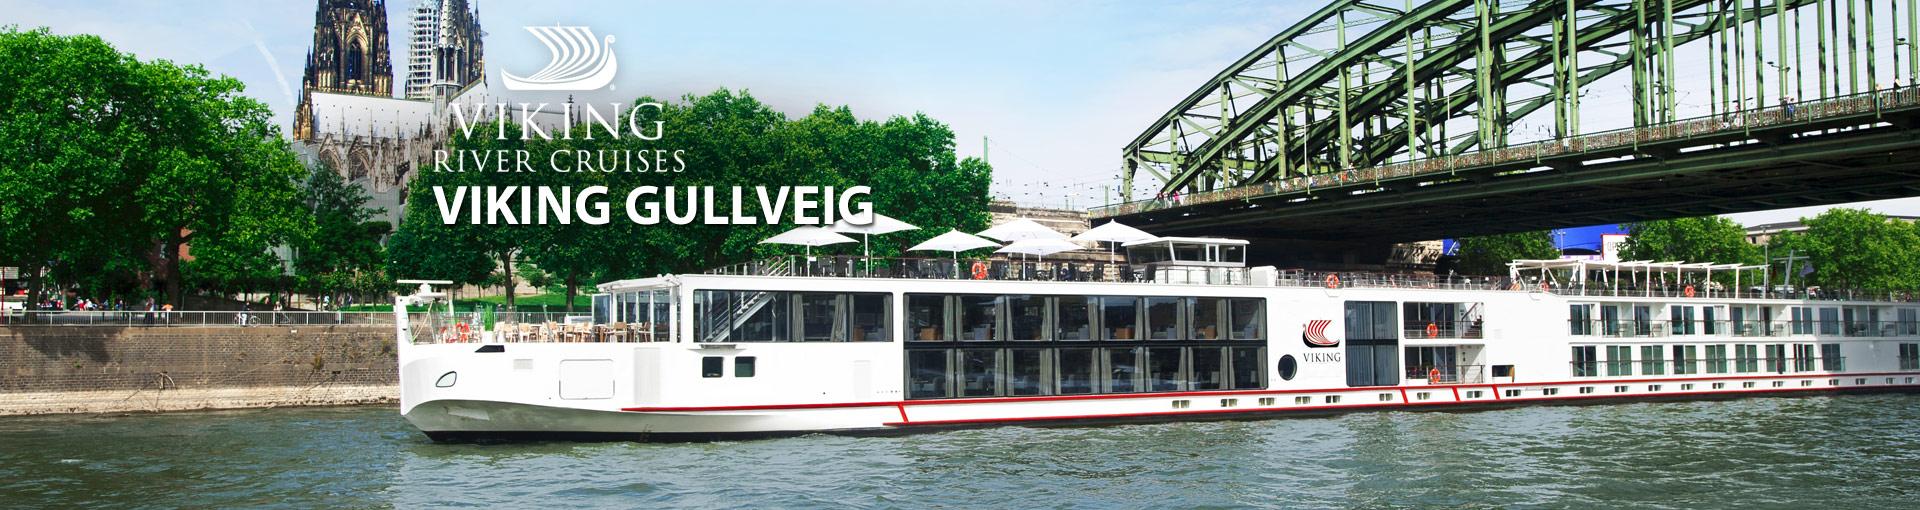 Viking Rivers Viking Gullveig river cruise ship